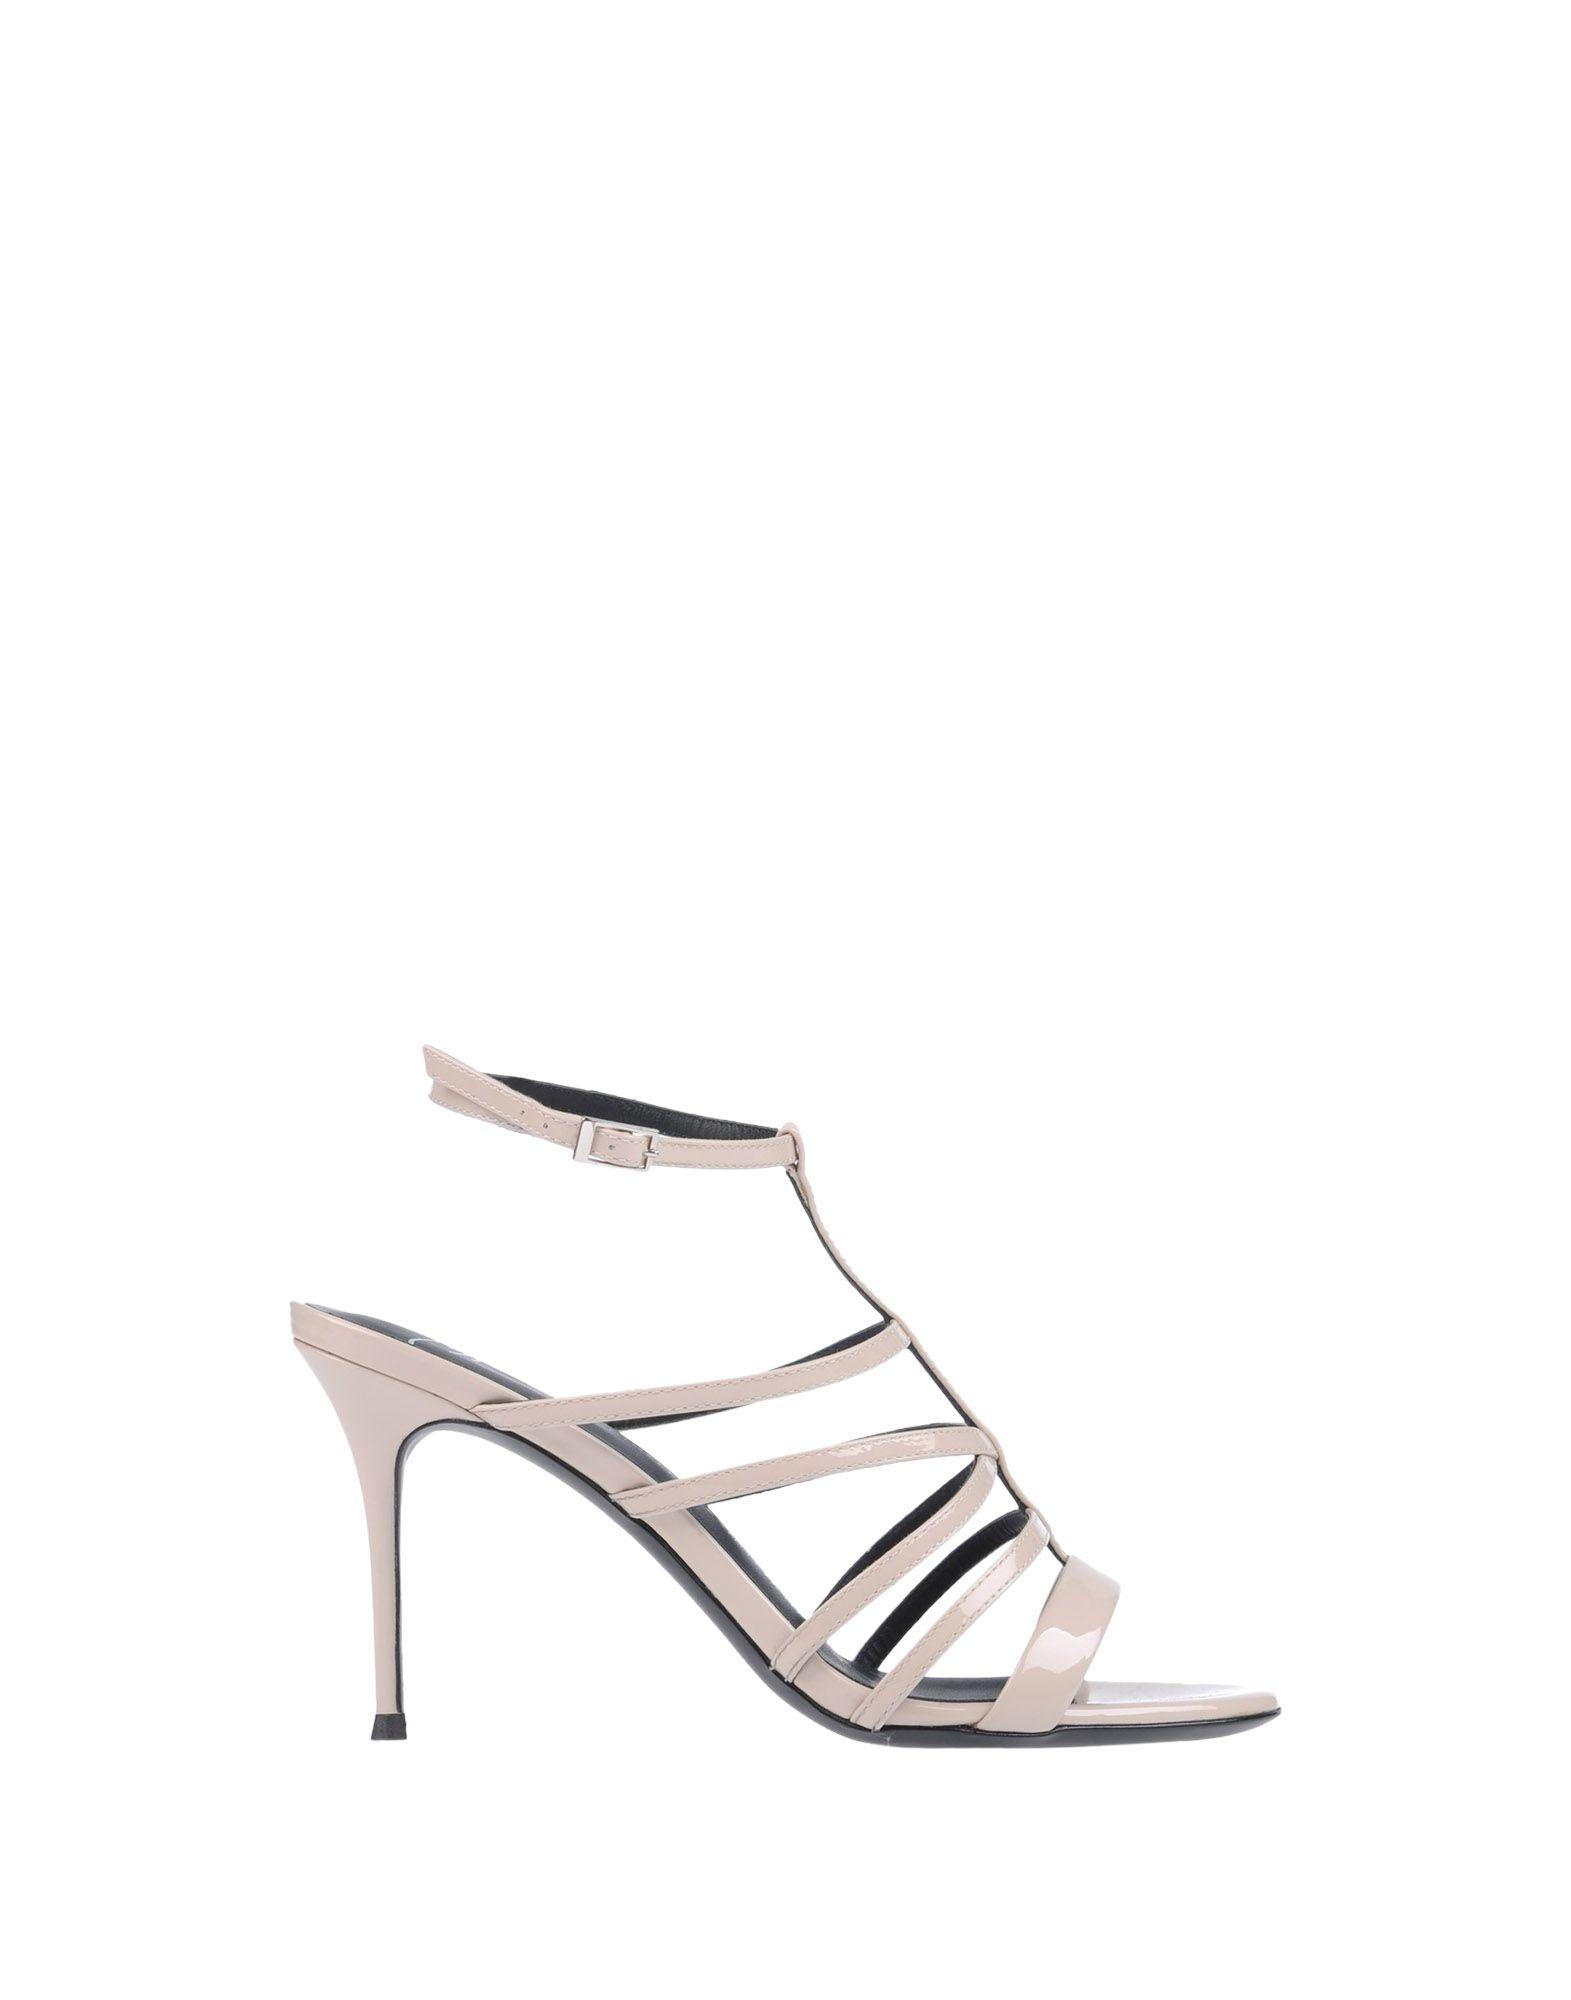 Giuseppe Zanotti Sandalen Schuhe Damen  11185859PS Beliebte Schuhe Sandalen 4c2a47